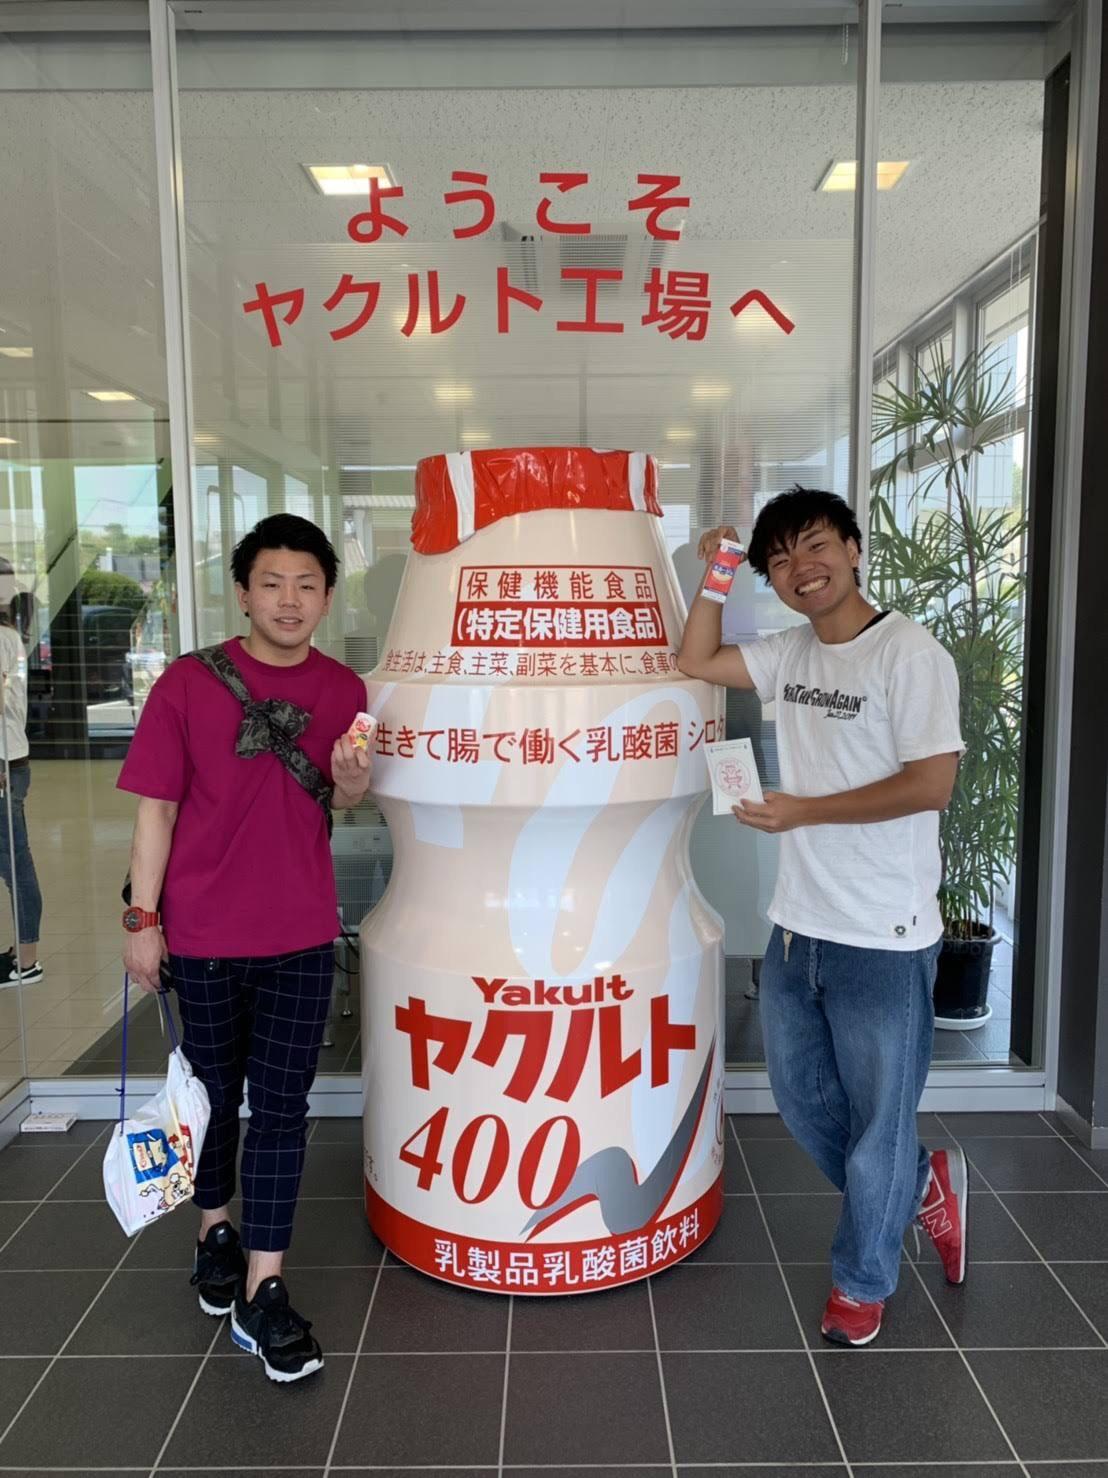 愛知県 日進市 ヤクルト工場